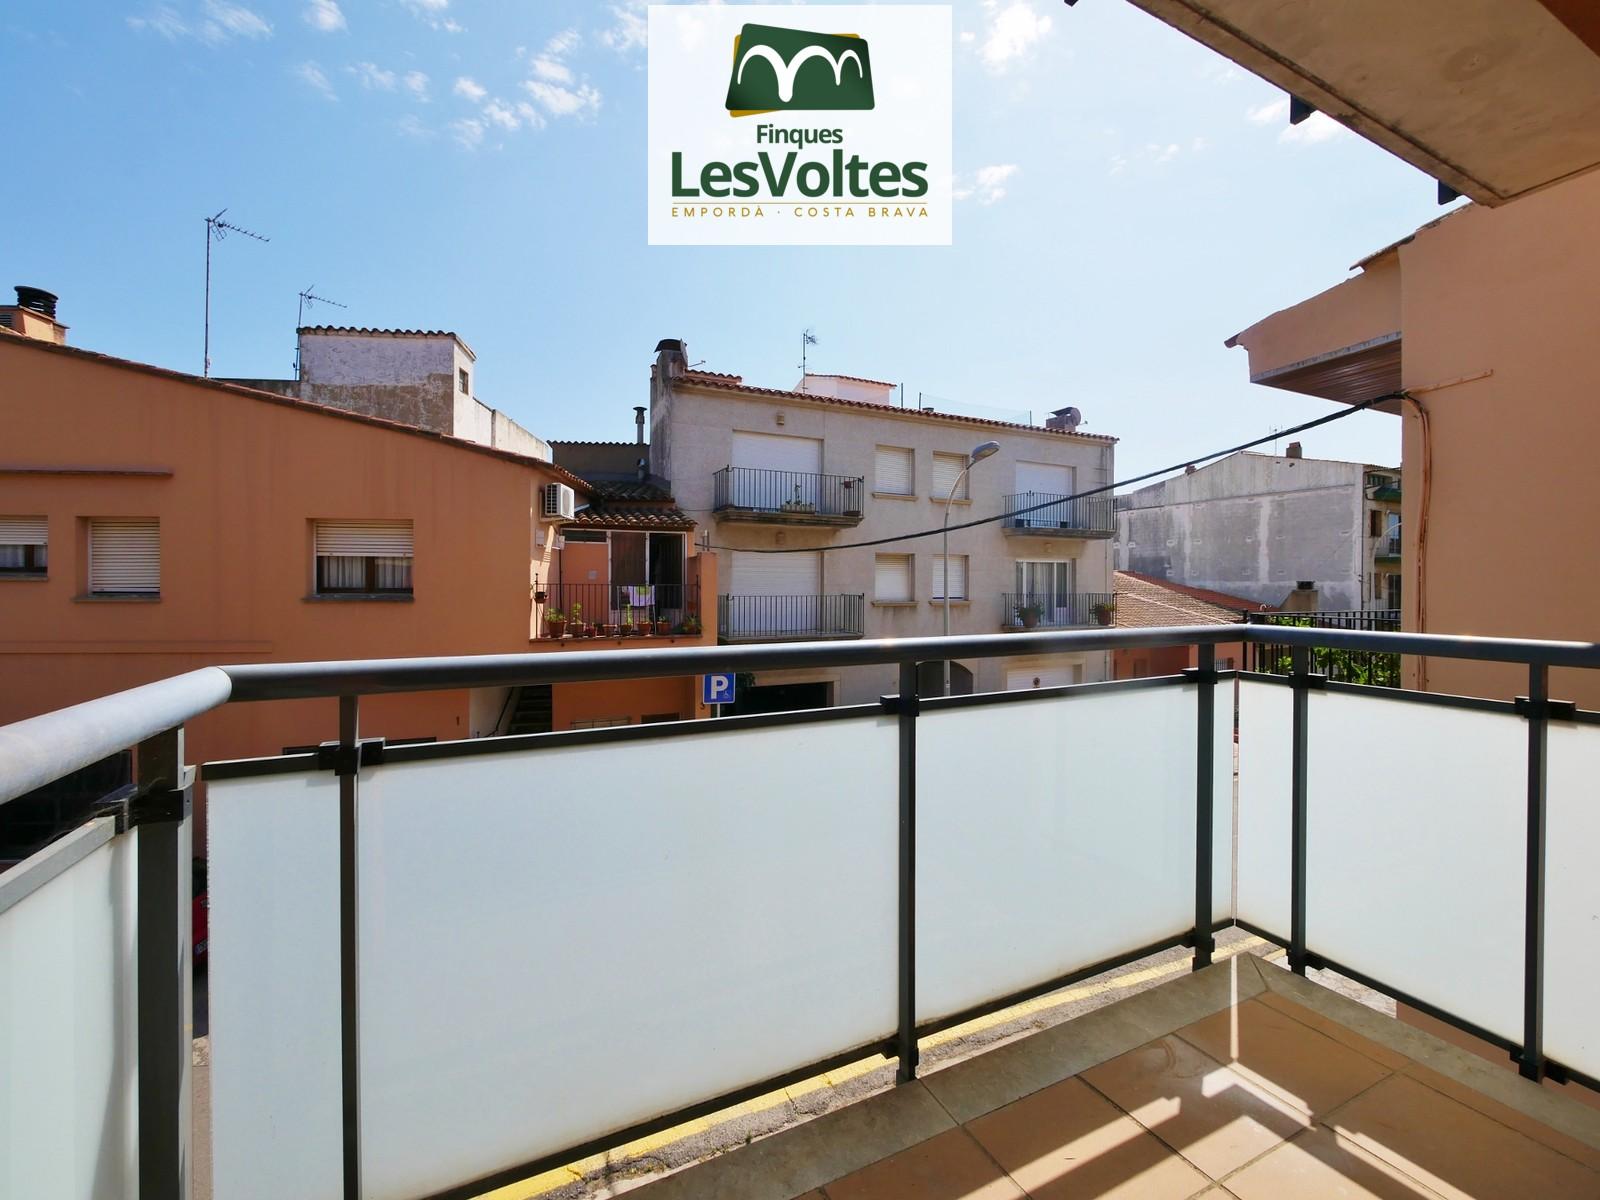 Pis de tres habitacions amb balcó en venda a Palafrugell. Comunitat amb ascensor.